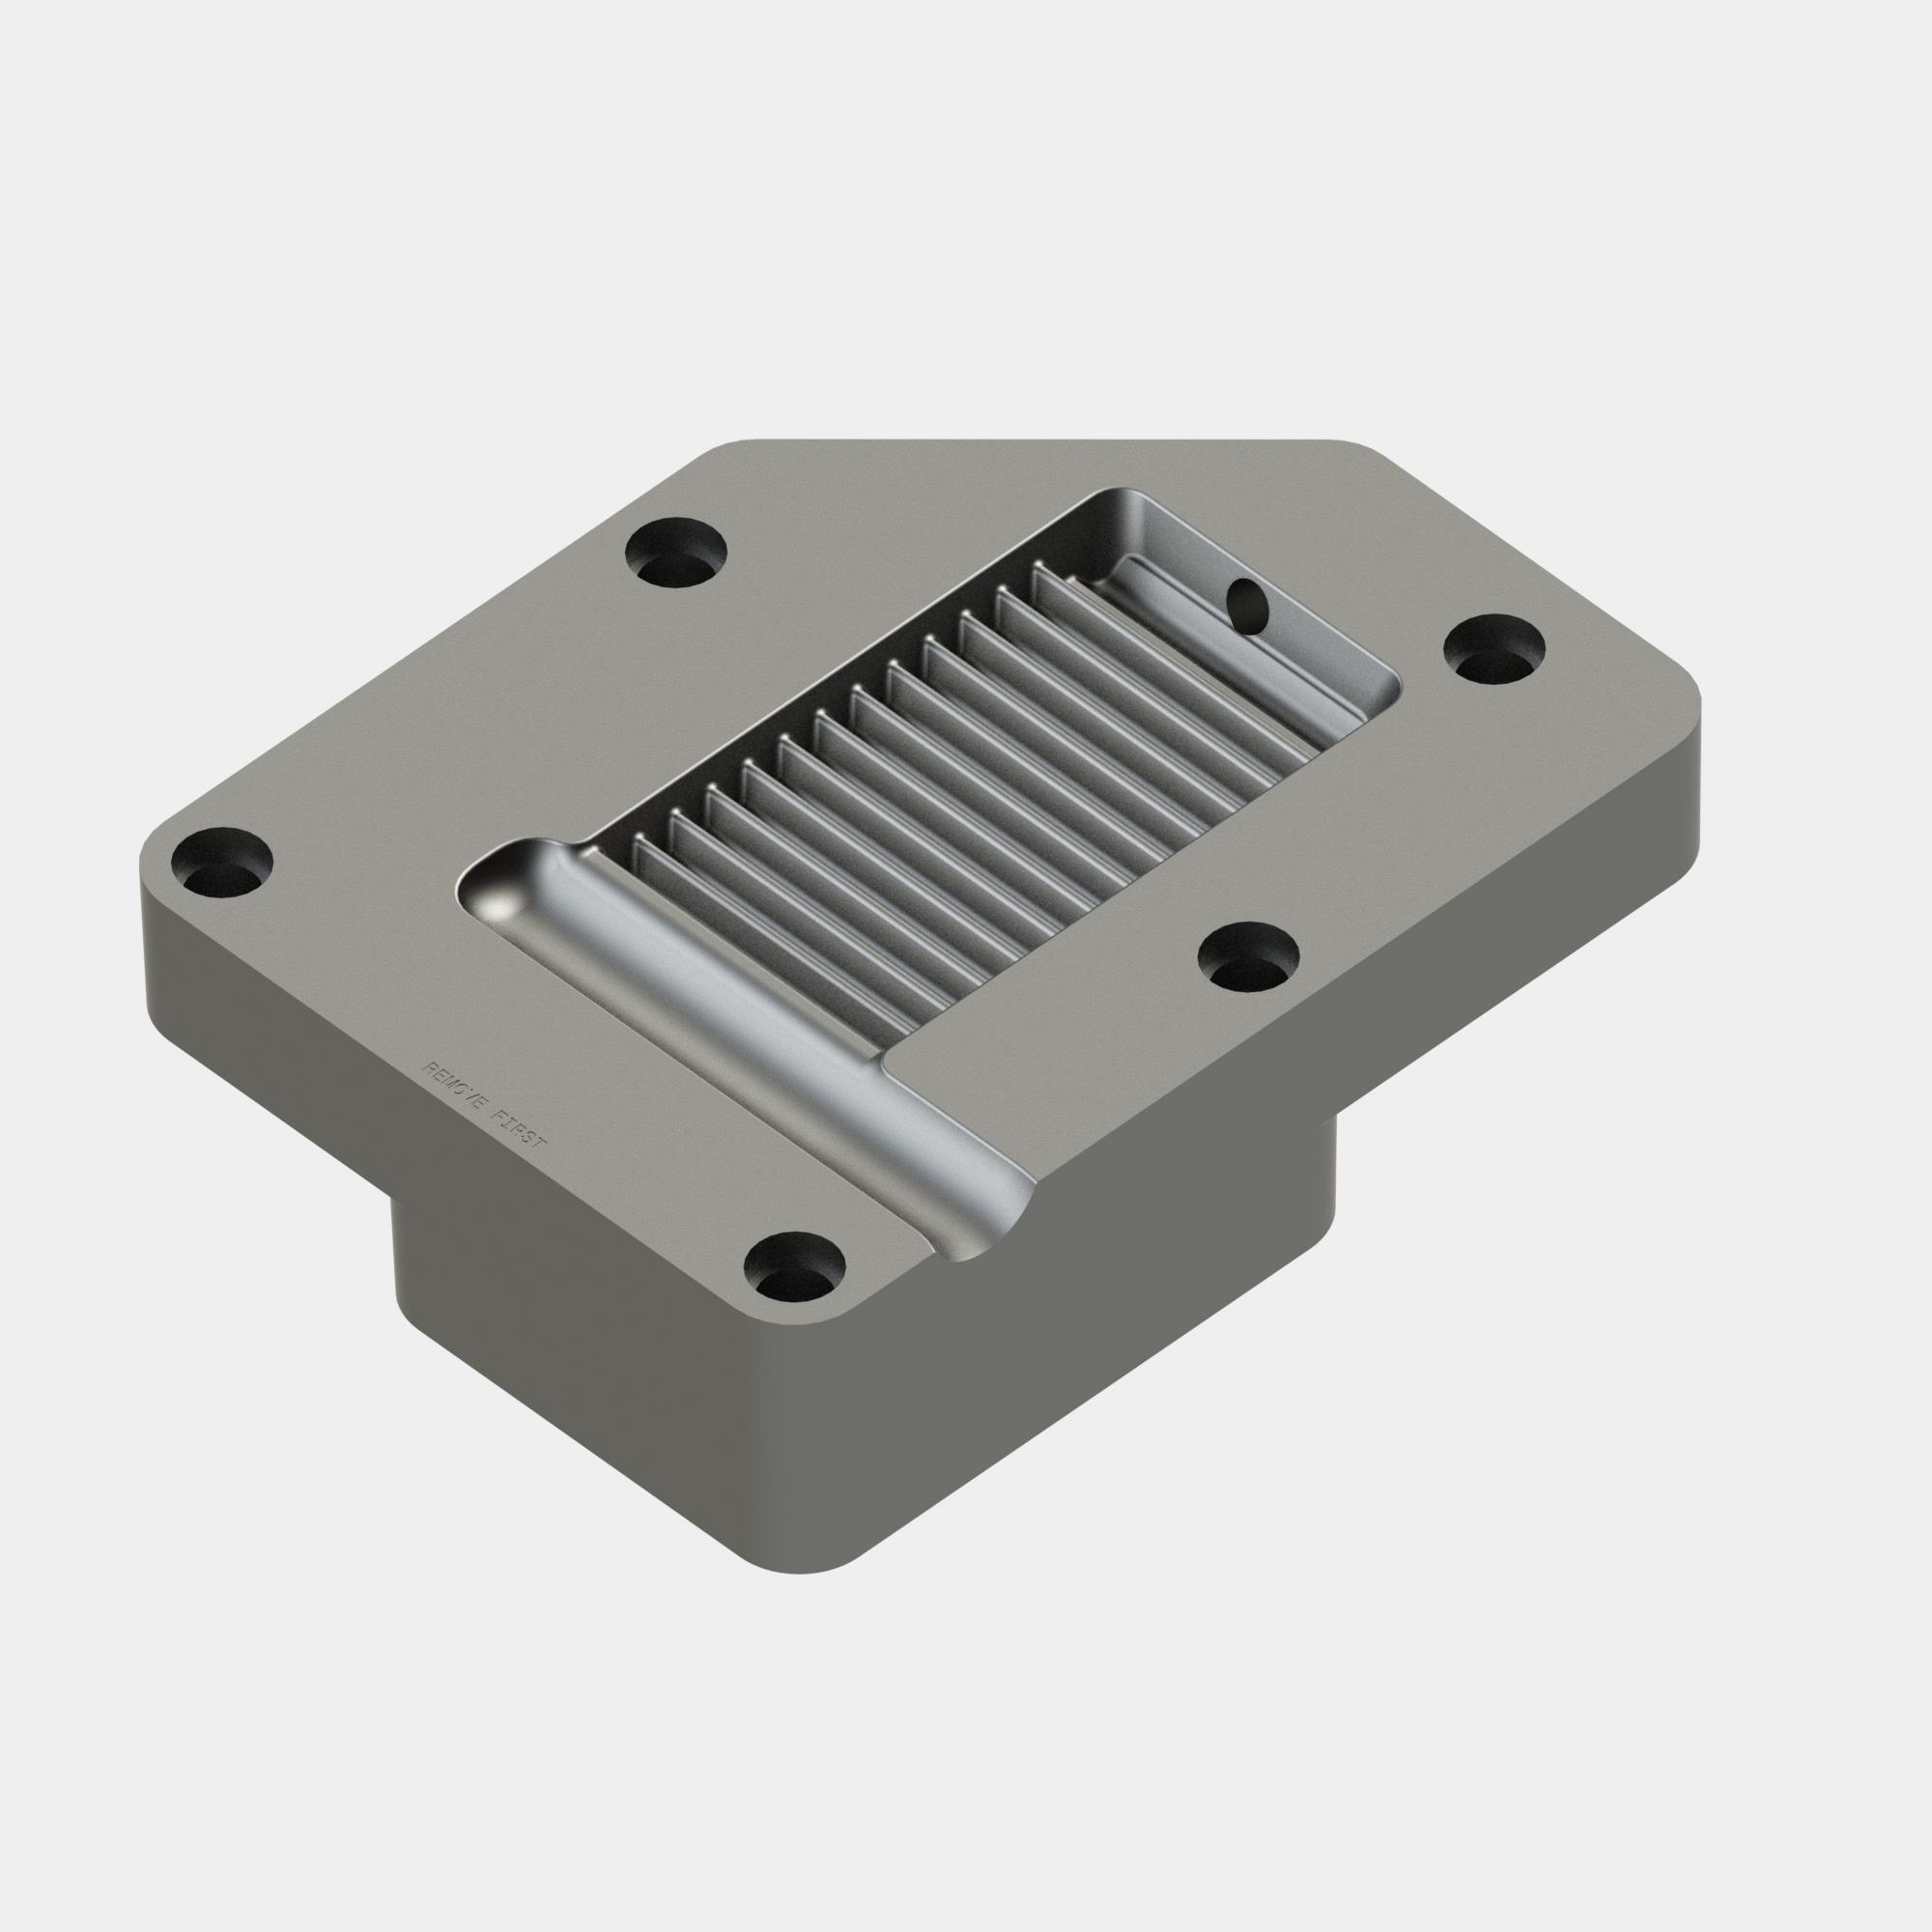 Valve-Less Vacuum Blocks – Midland Technologies, Inc.